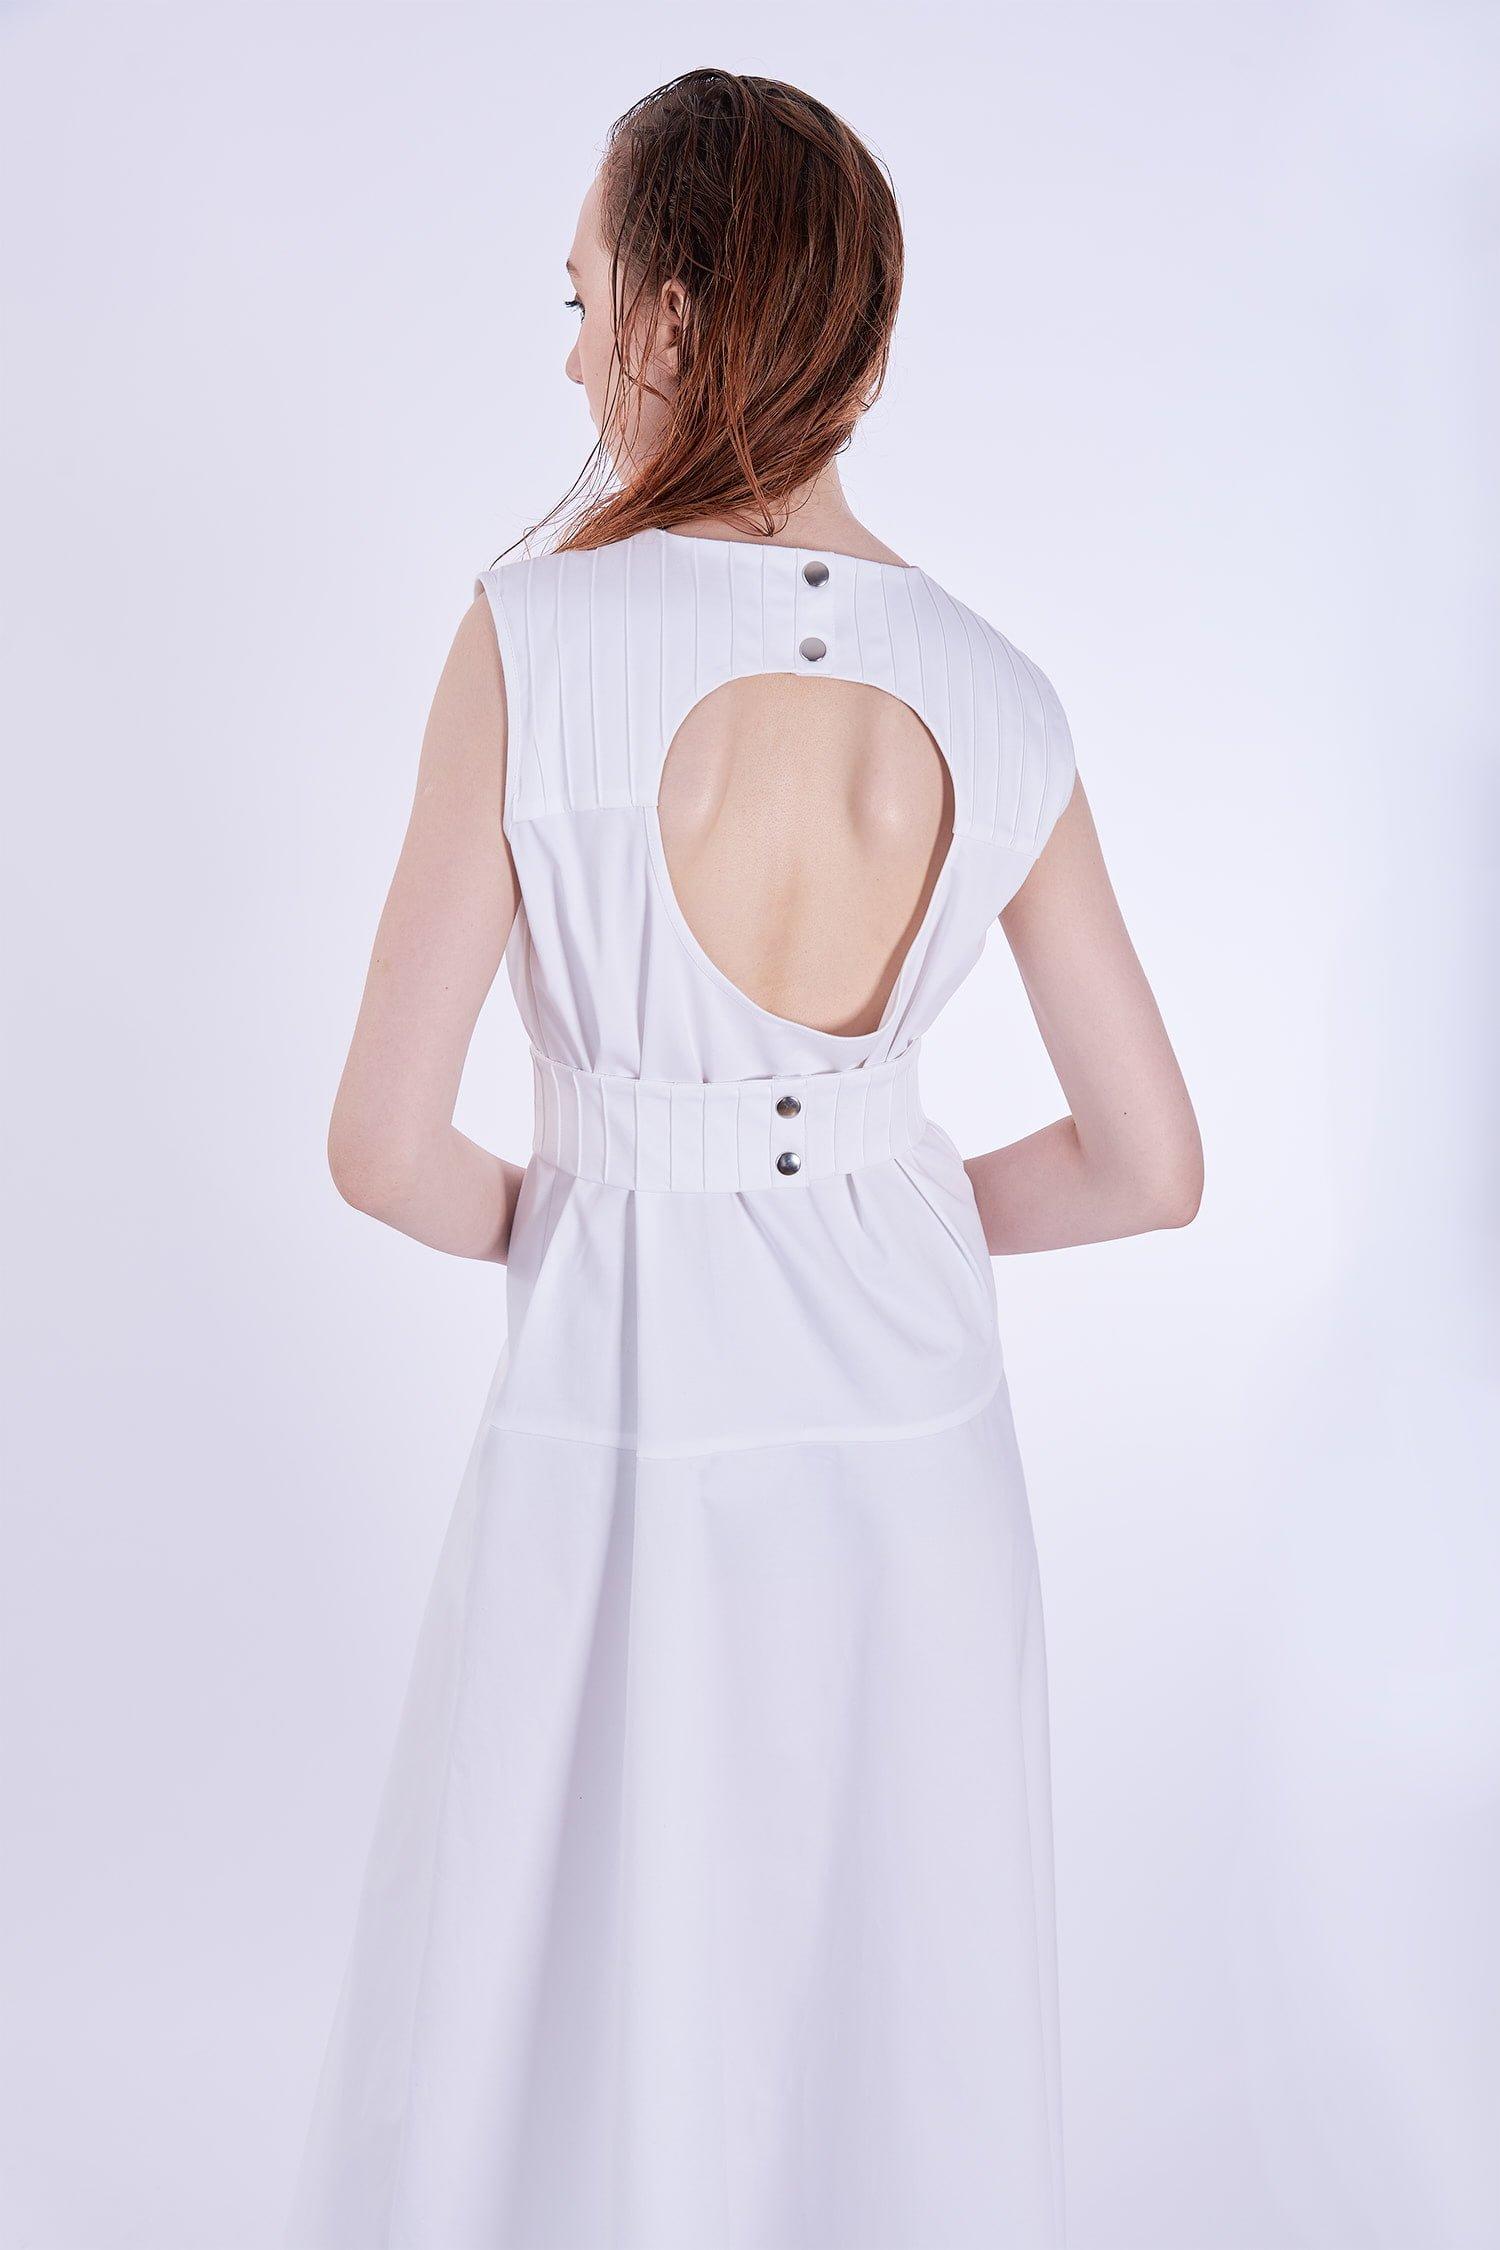 Acephala Ps2020 White Maxi Dress Biala Suknia Przyjecie Detail